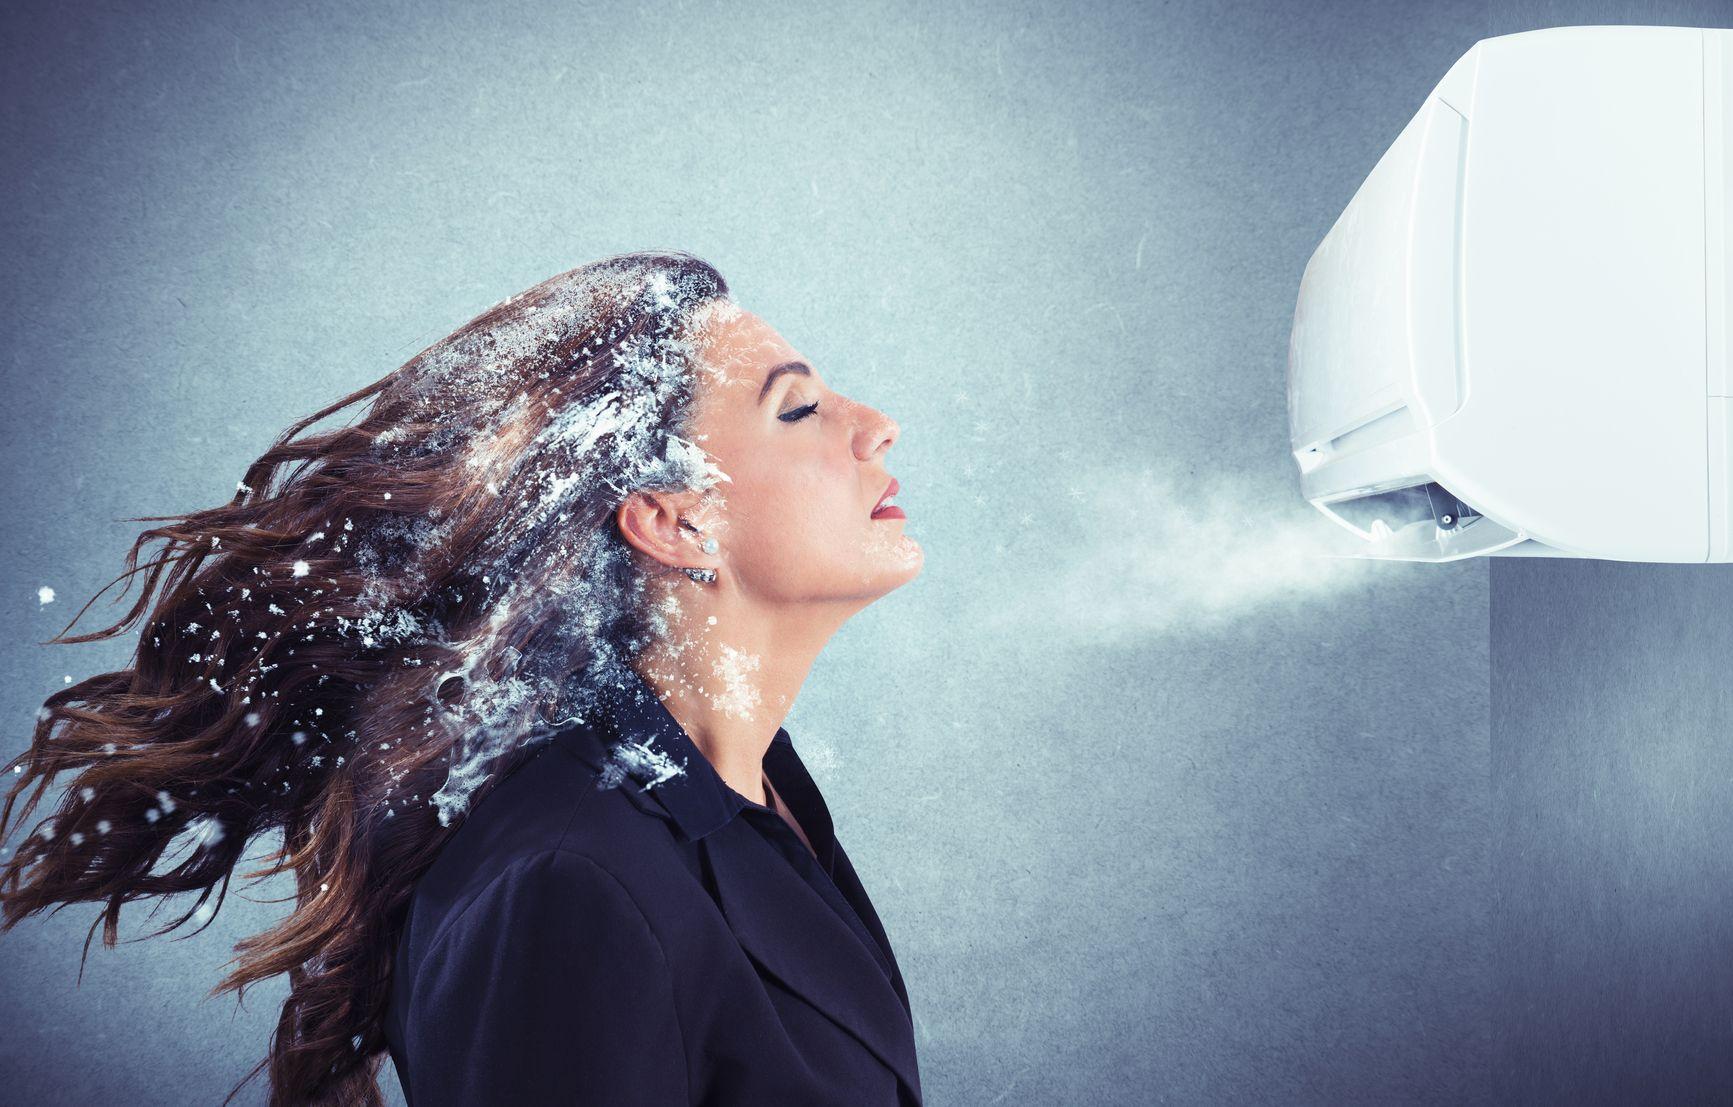 AGA若ハゲの予防 4.間違ったヘアケア